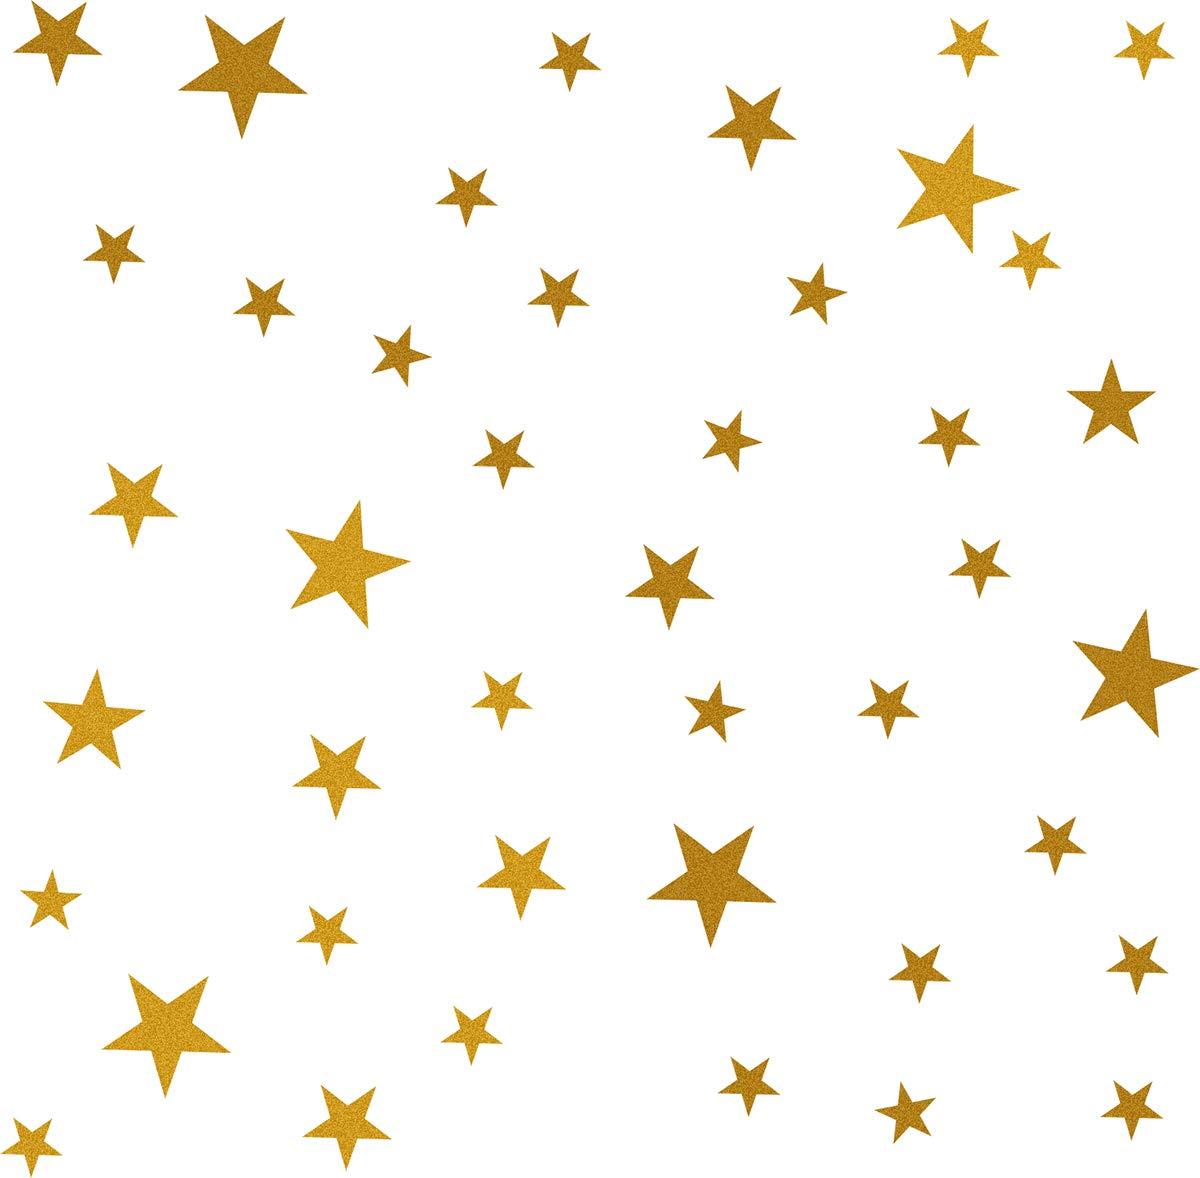 Vinilo Decorativo Pared [76Y1YNS2] estrella